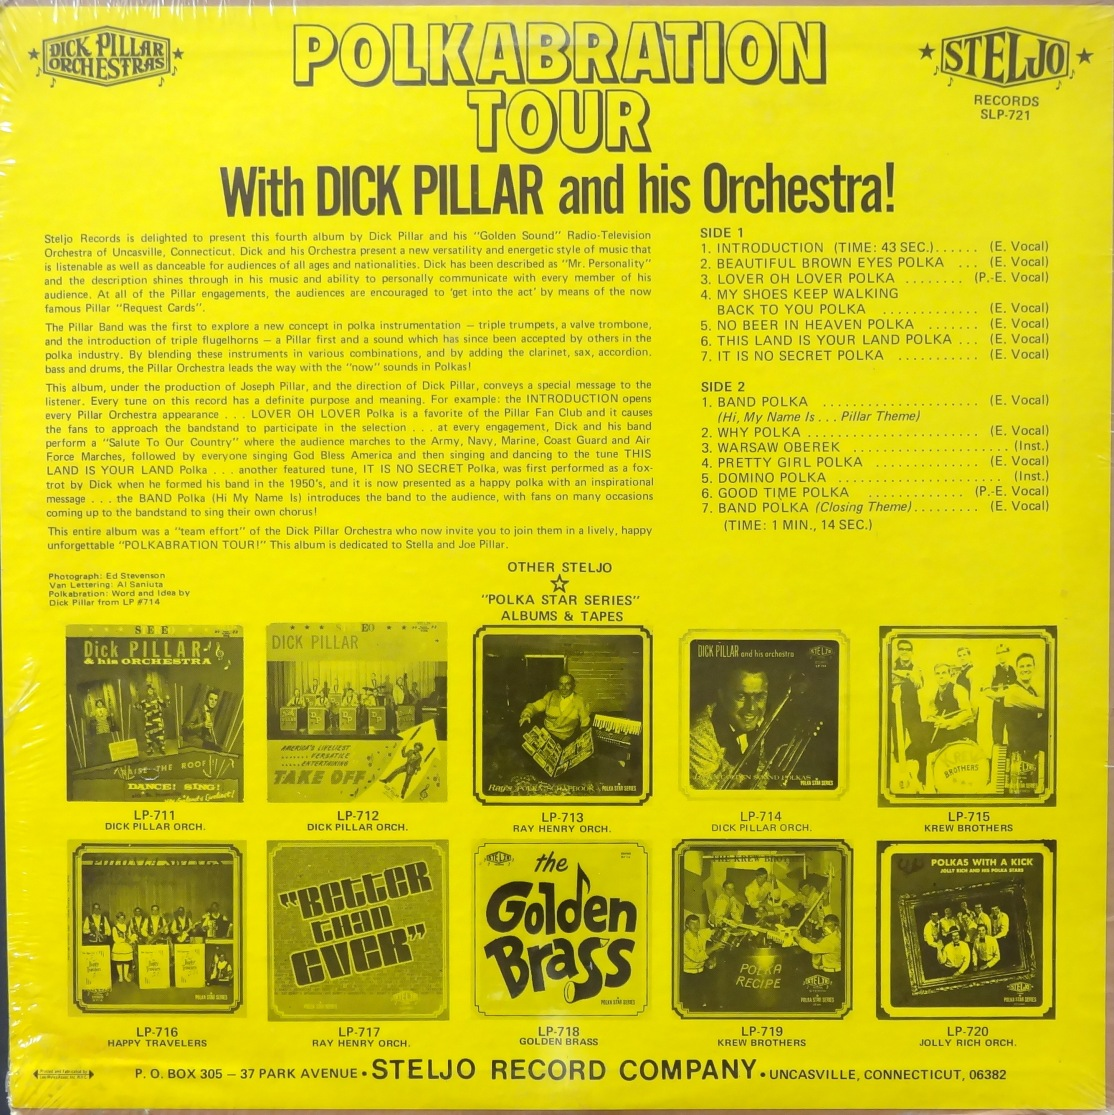 Dick Pillar Polkabration Tour back